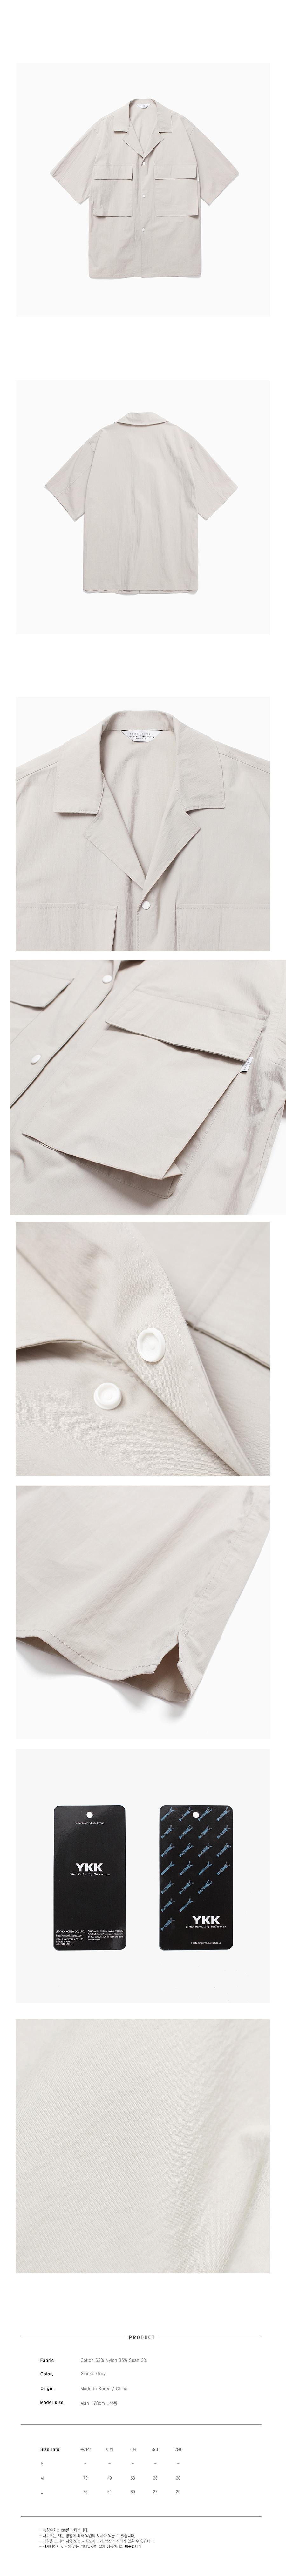 라퍼지스토어(LAFUDGESTORE) 유틸리티 와이드 트러커 하프셔츠_Smoke Gray